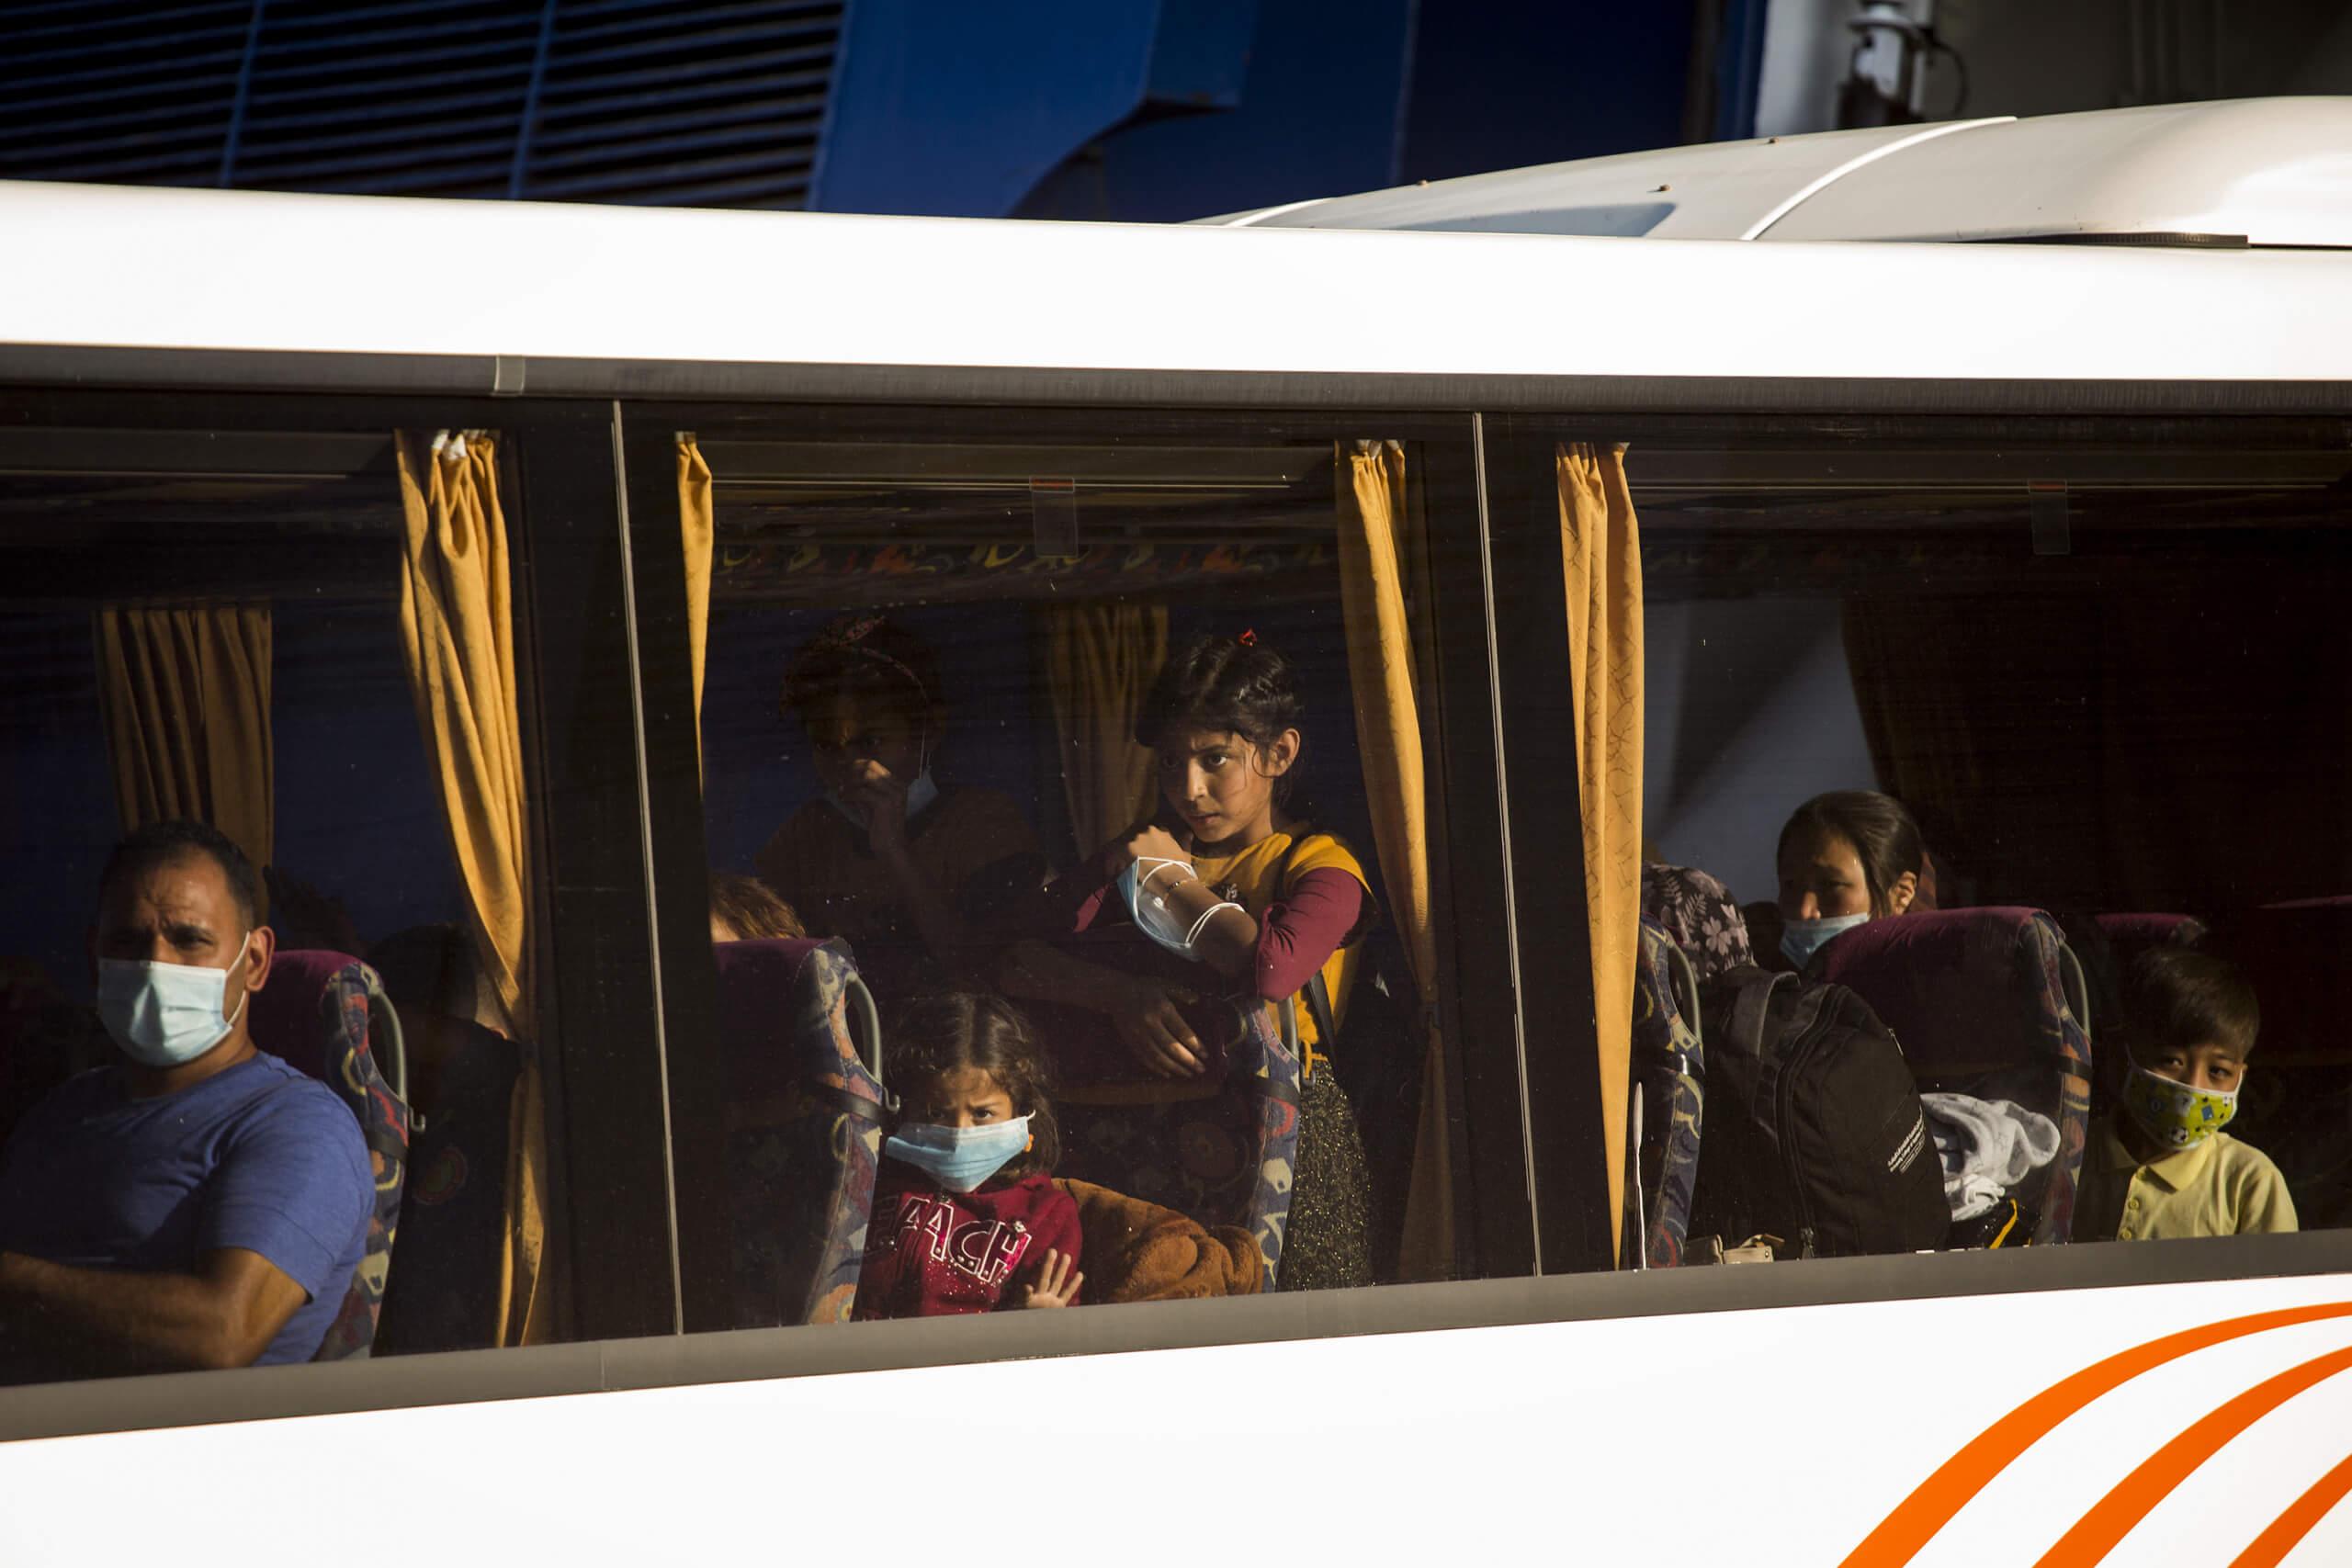 Flüchtlinge, hier in einem Bus in Athen, haben oft weniger Möglichkeiten sich zu schützen. In Deutschland gibt es dazu keine Daten. Eine Studie der OECD weist jedoch nach, dass Migranten in manchen Ländern ein bis zu doppeltes Infektionsrisiko haben. © Socrates Baltagiannis / picture alliance / dpa